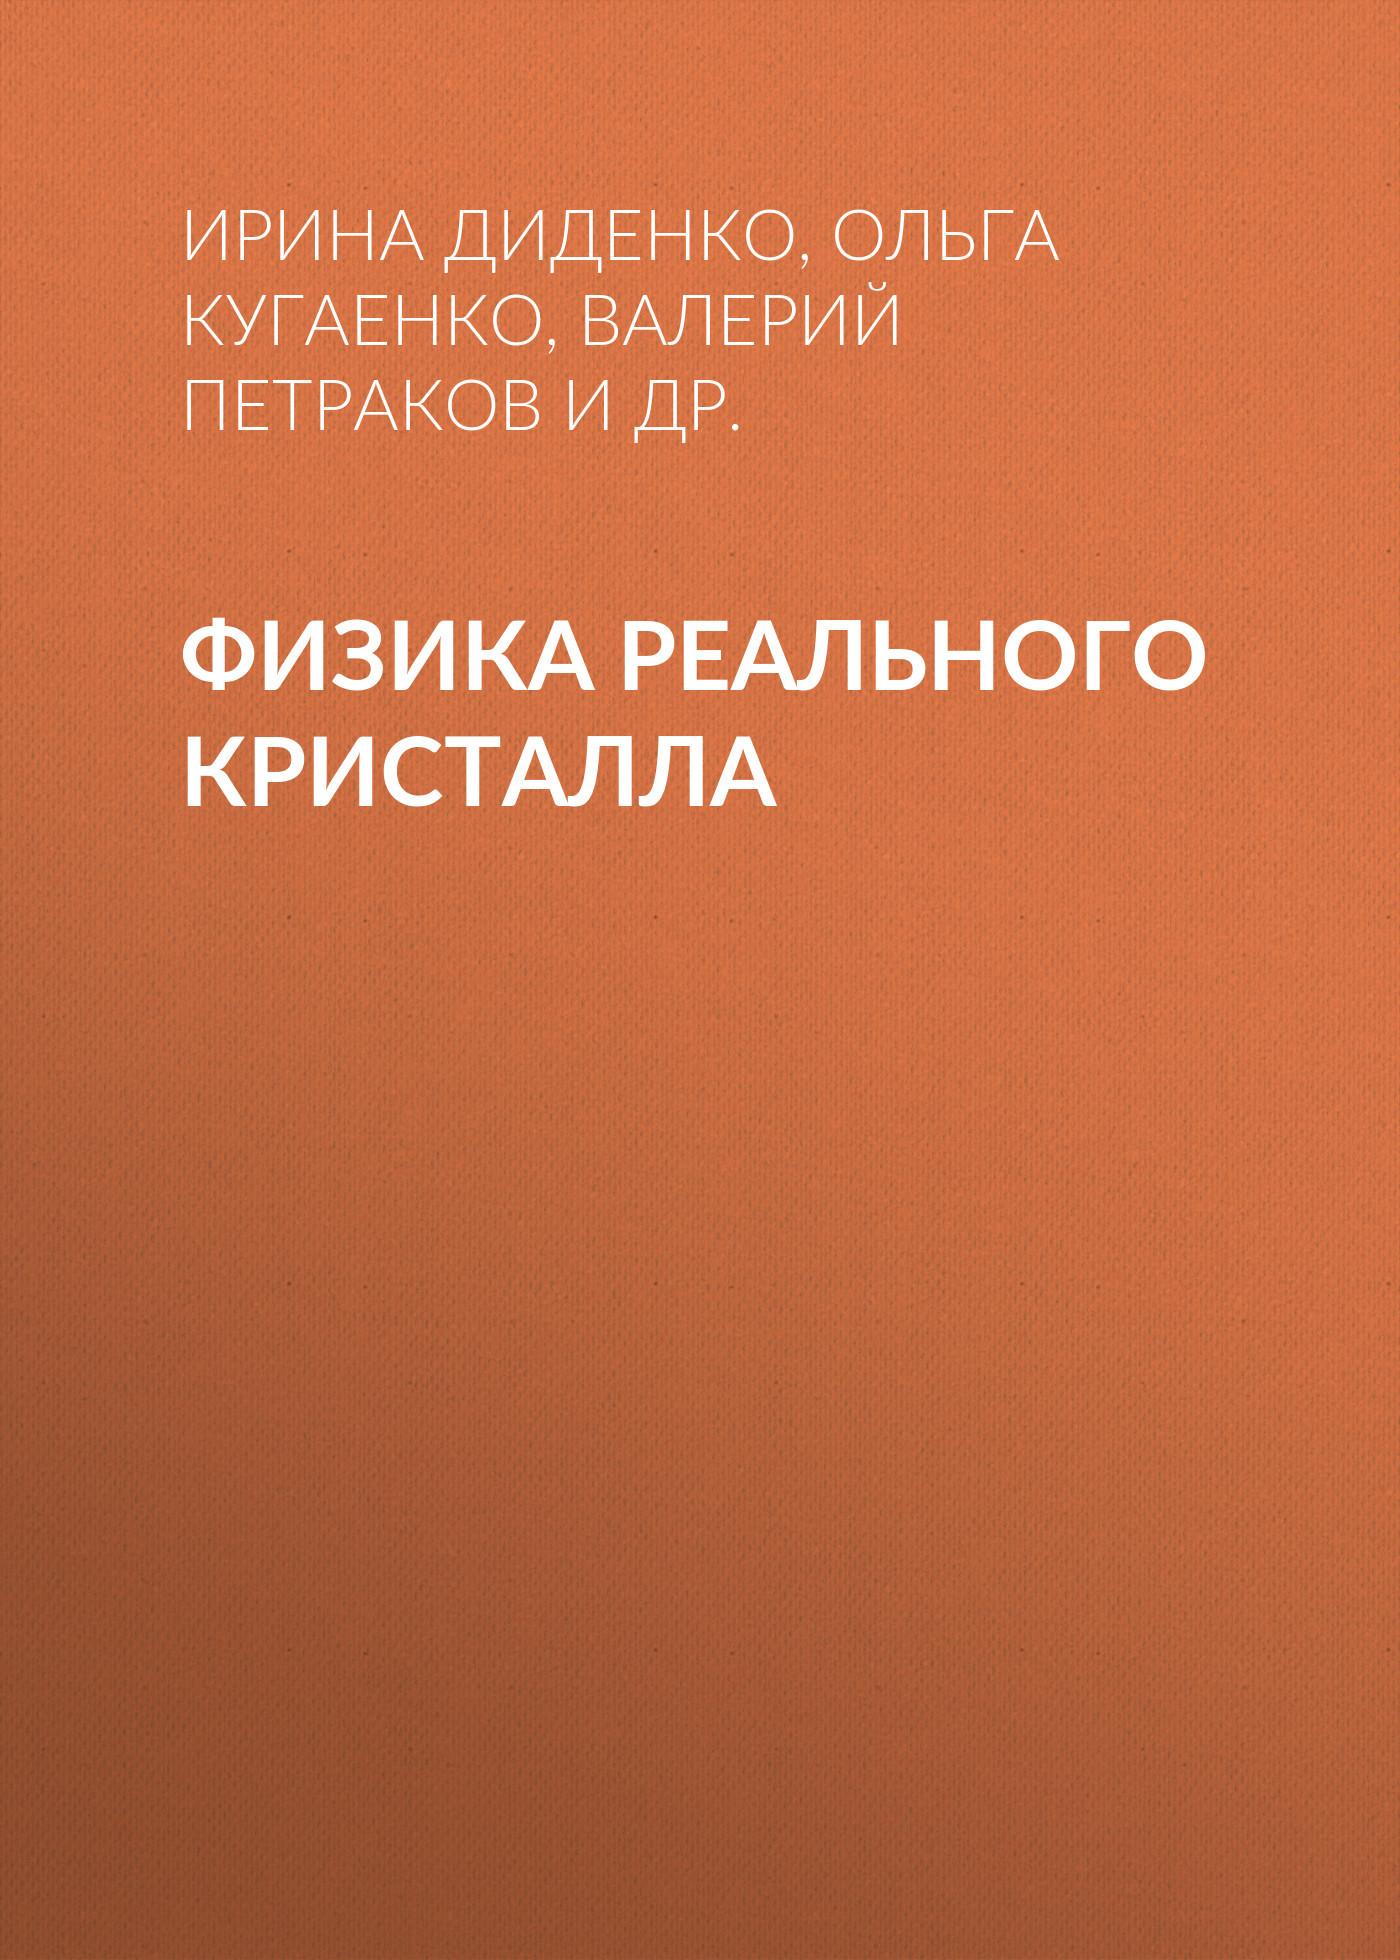 Книга притягивает взоры 35/95/82/35958283.bin.dir/35958283.cover.jpg обложка